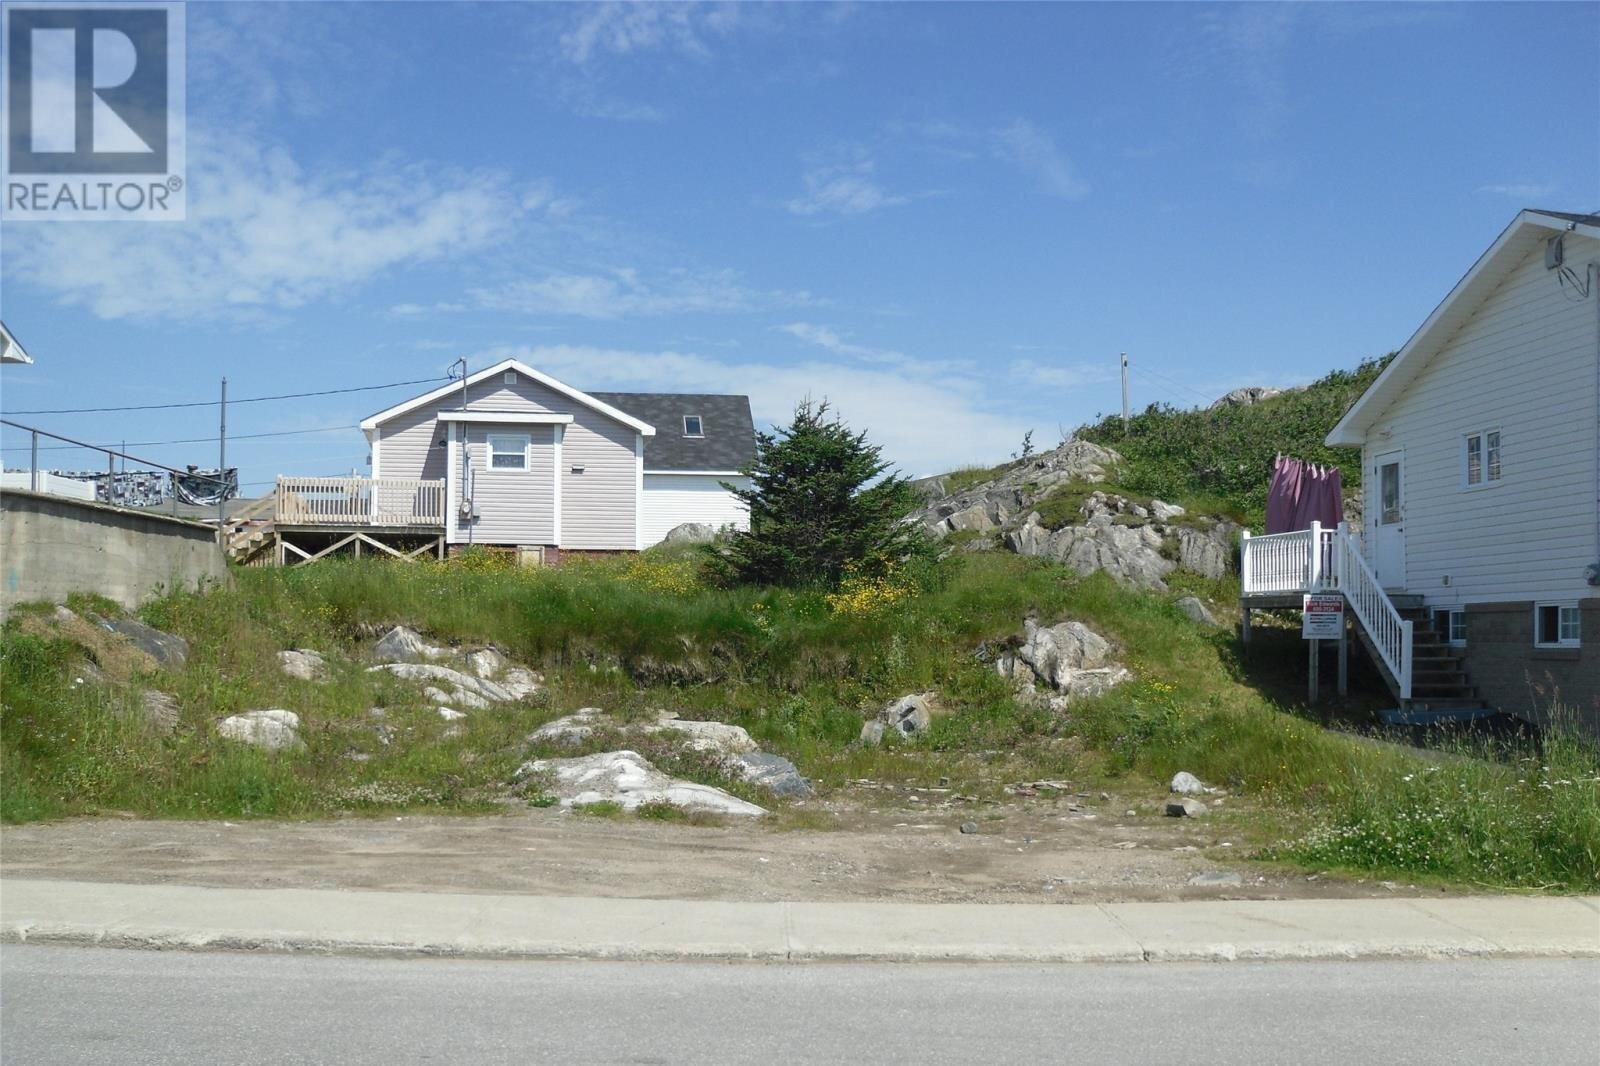 Home for sale at 35 Legallais St Port Aux Basques Newfoundland - MLS: 1218948